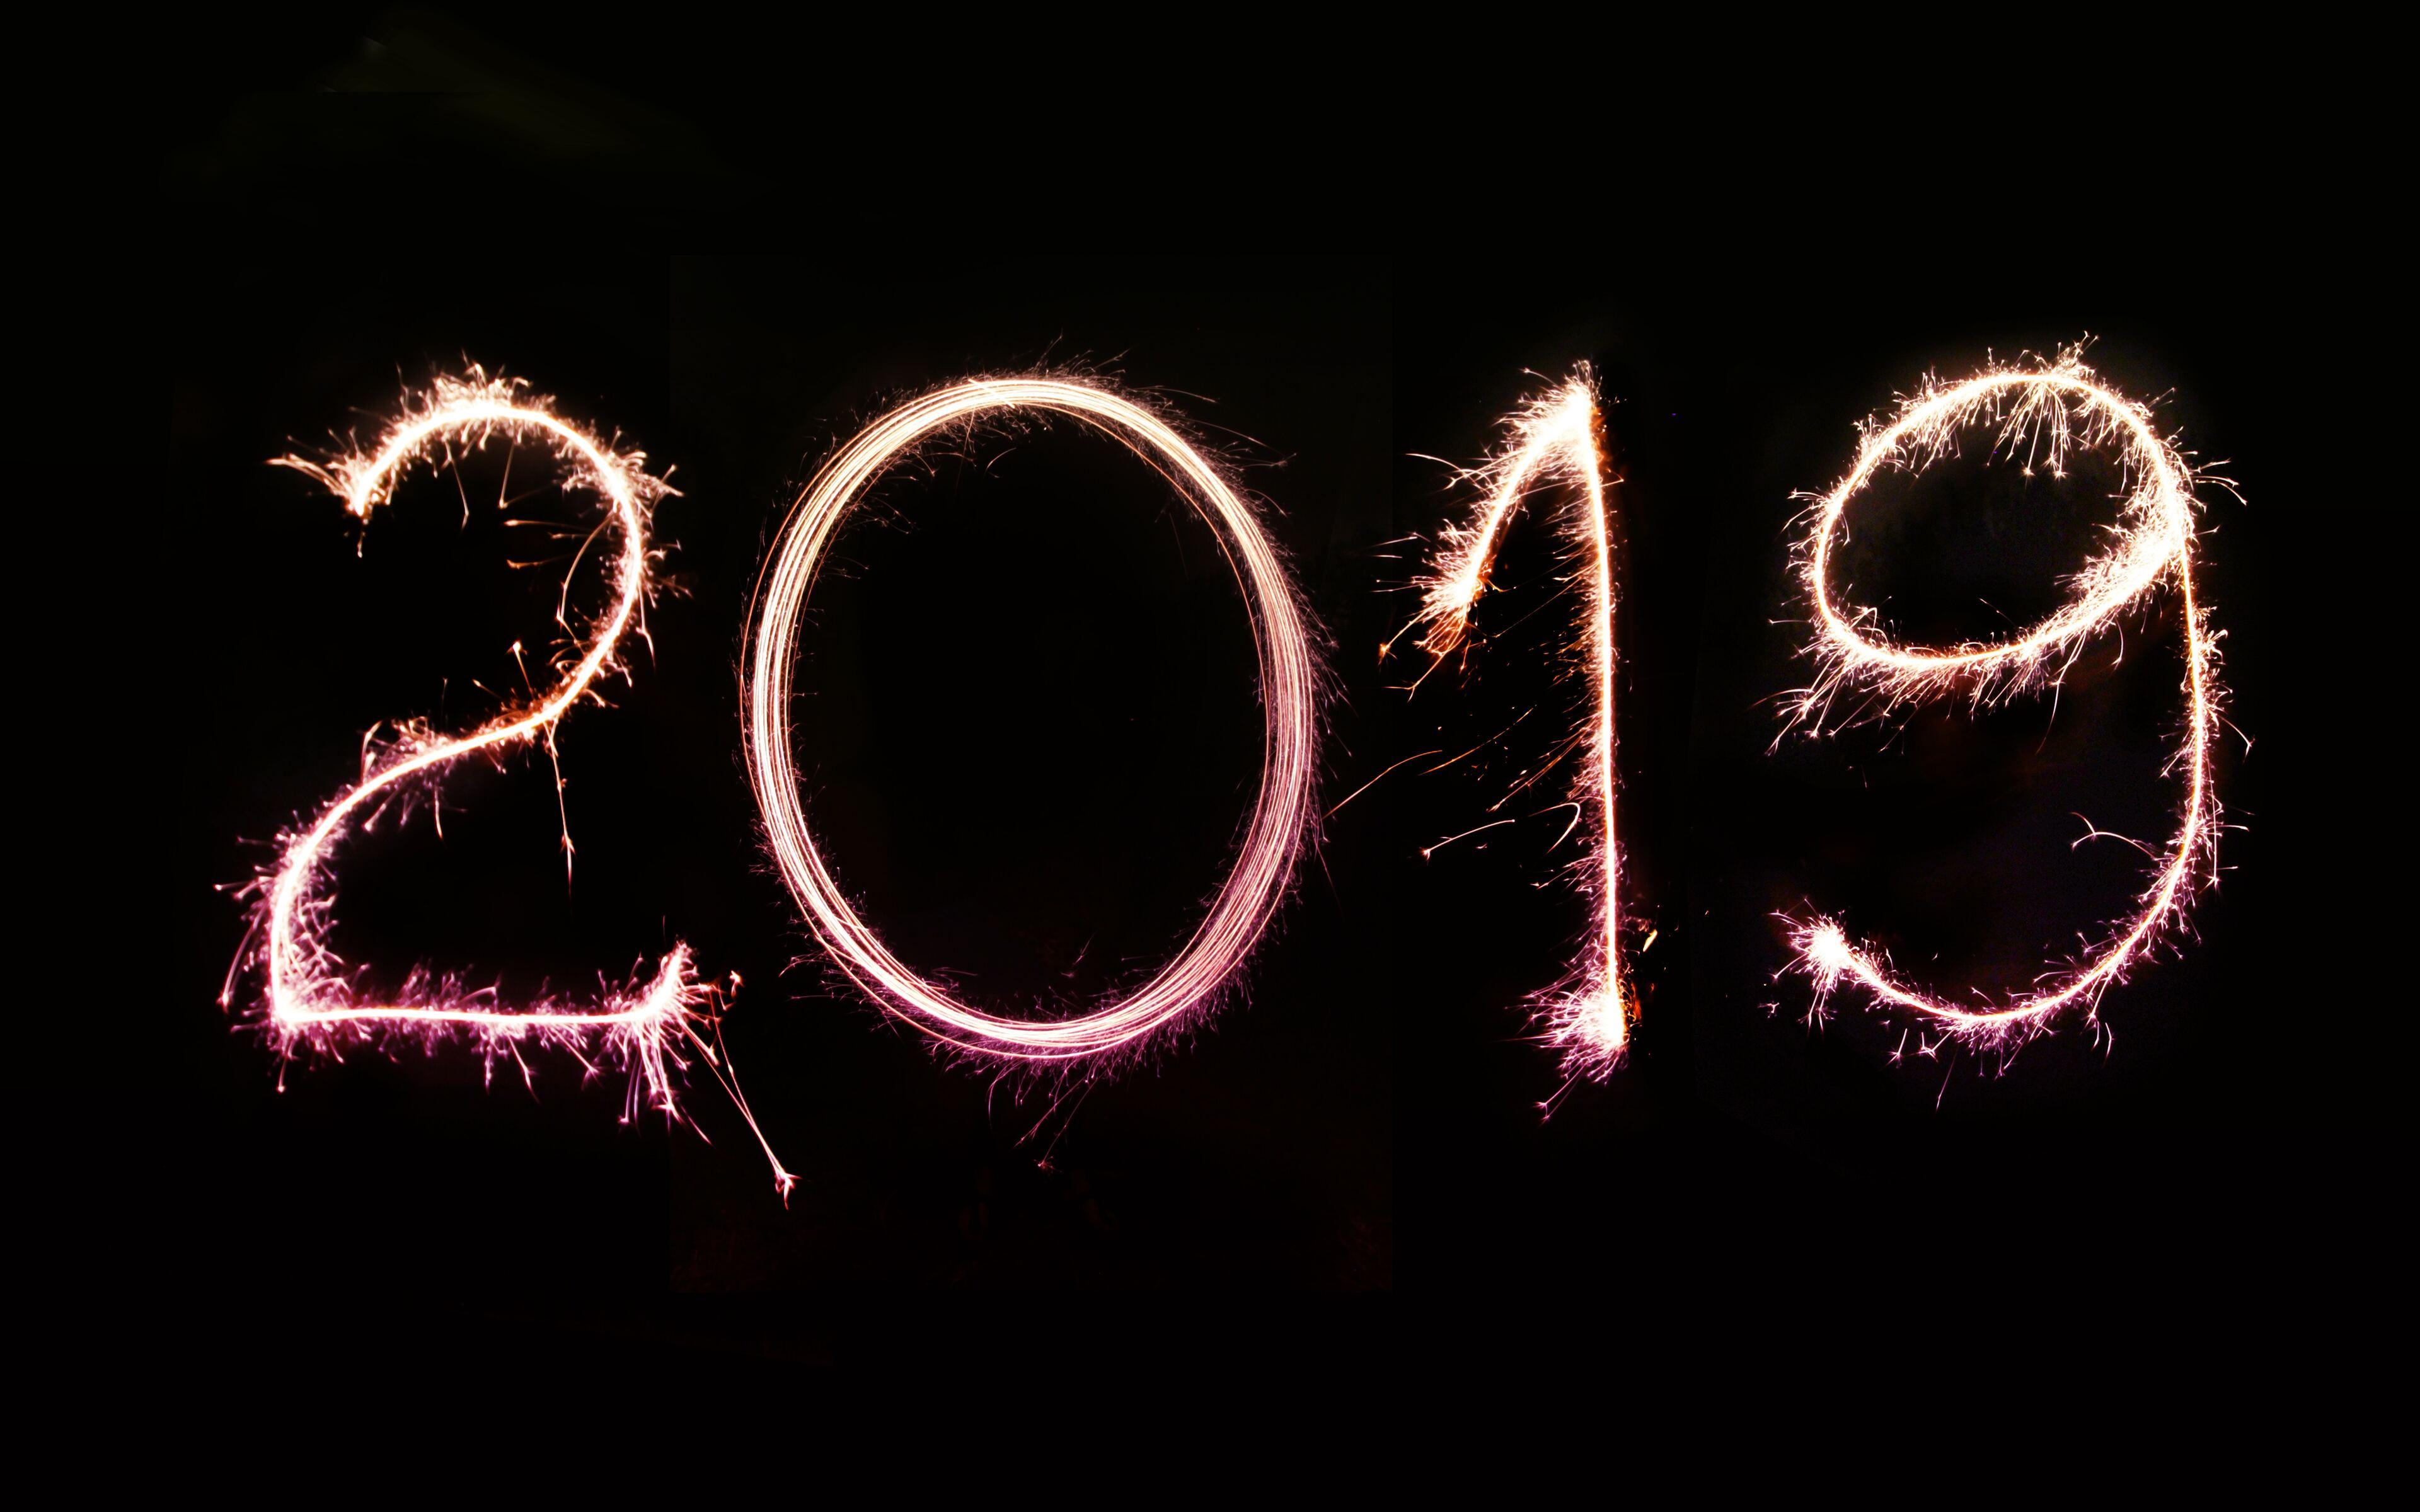 happy-new-year-2019-8p.jpg